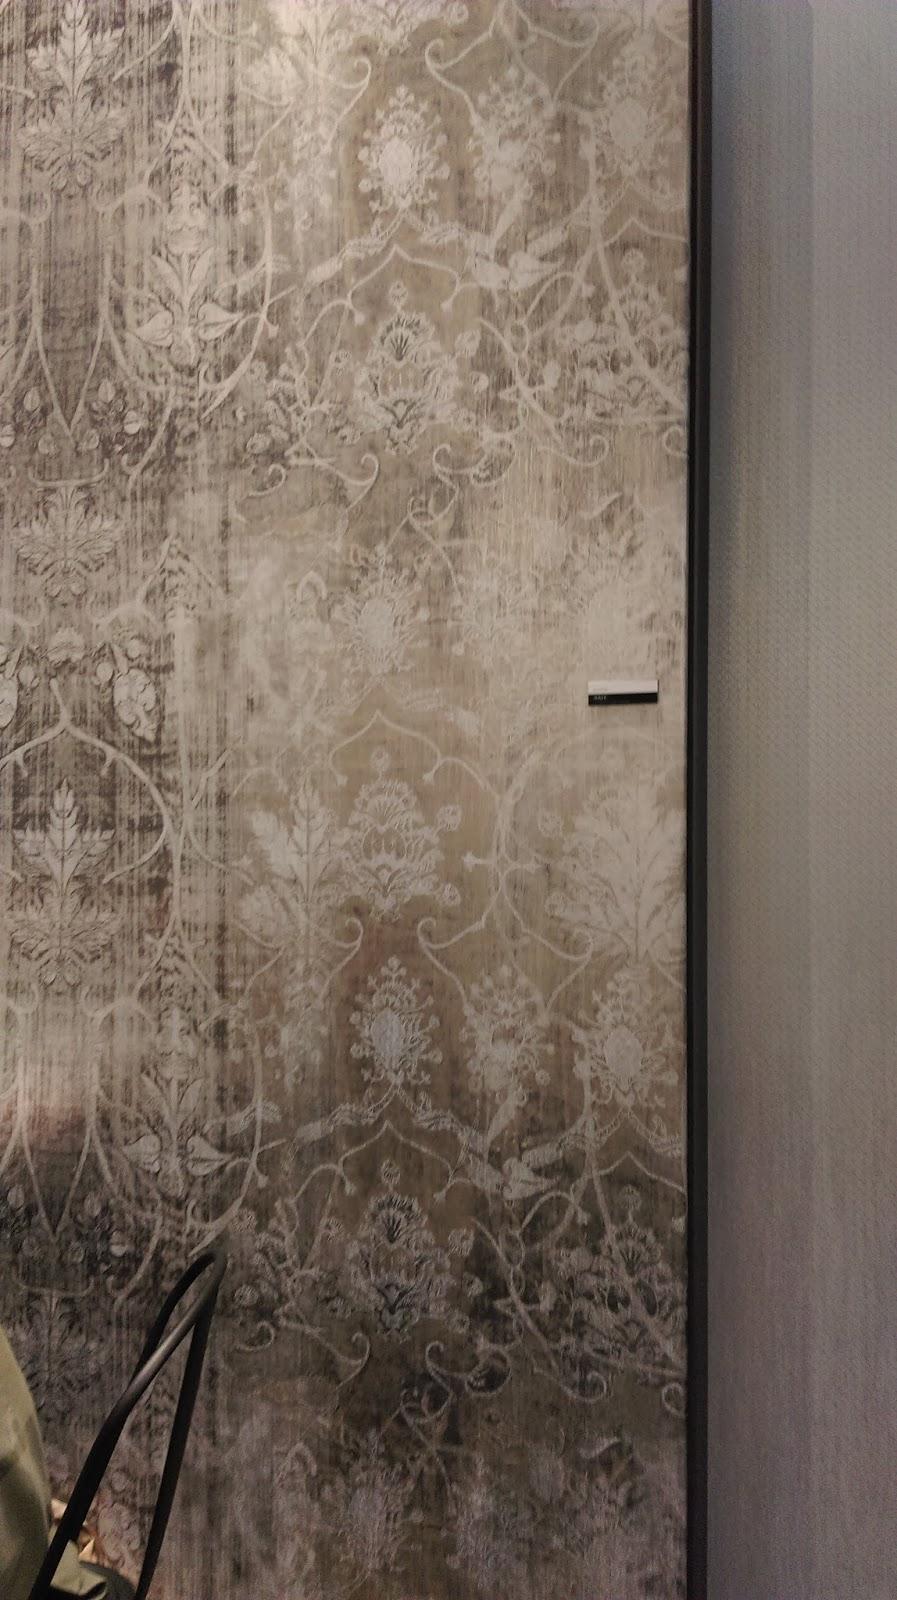 tapeten trends 2016 nachlese heimtextil messe. Black Bedroom Furniture Sets. Home Design Ideas